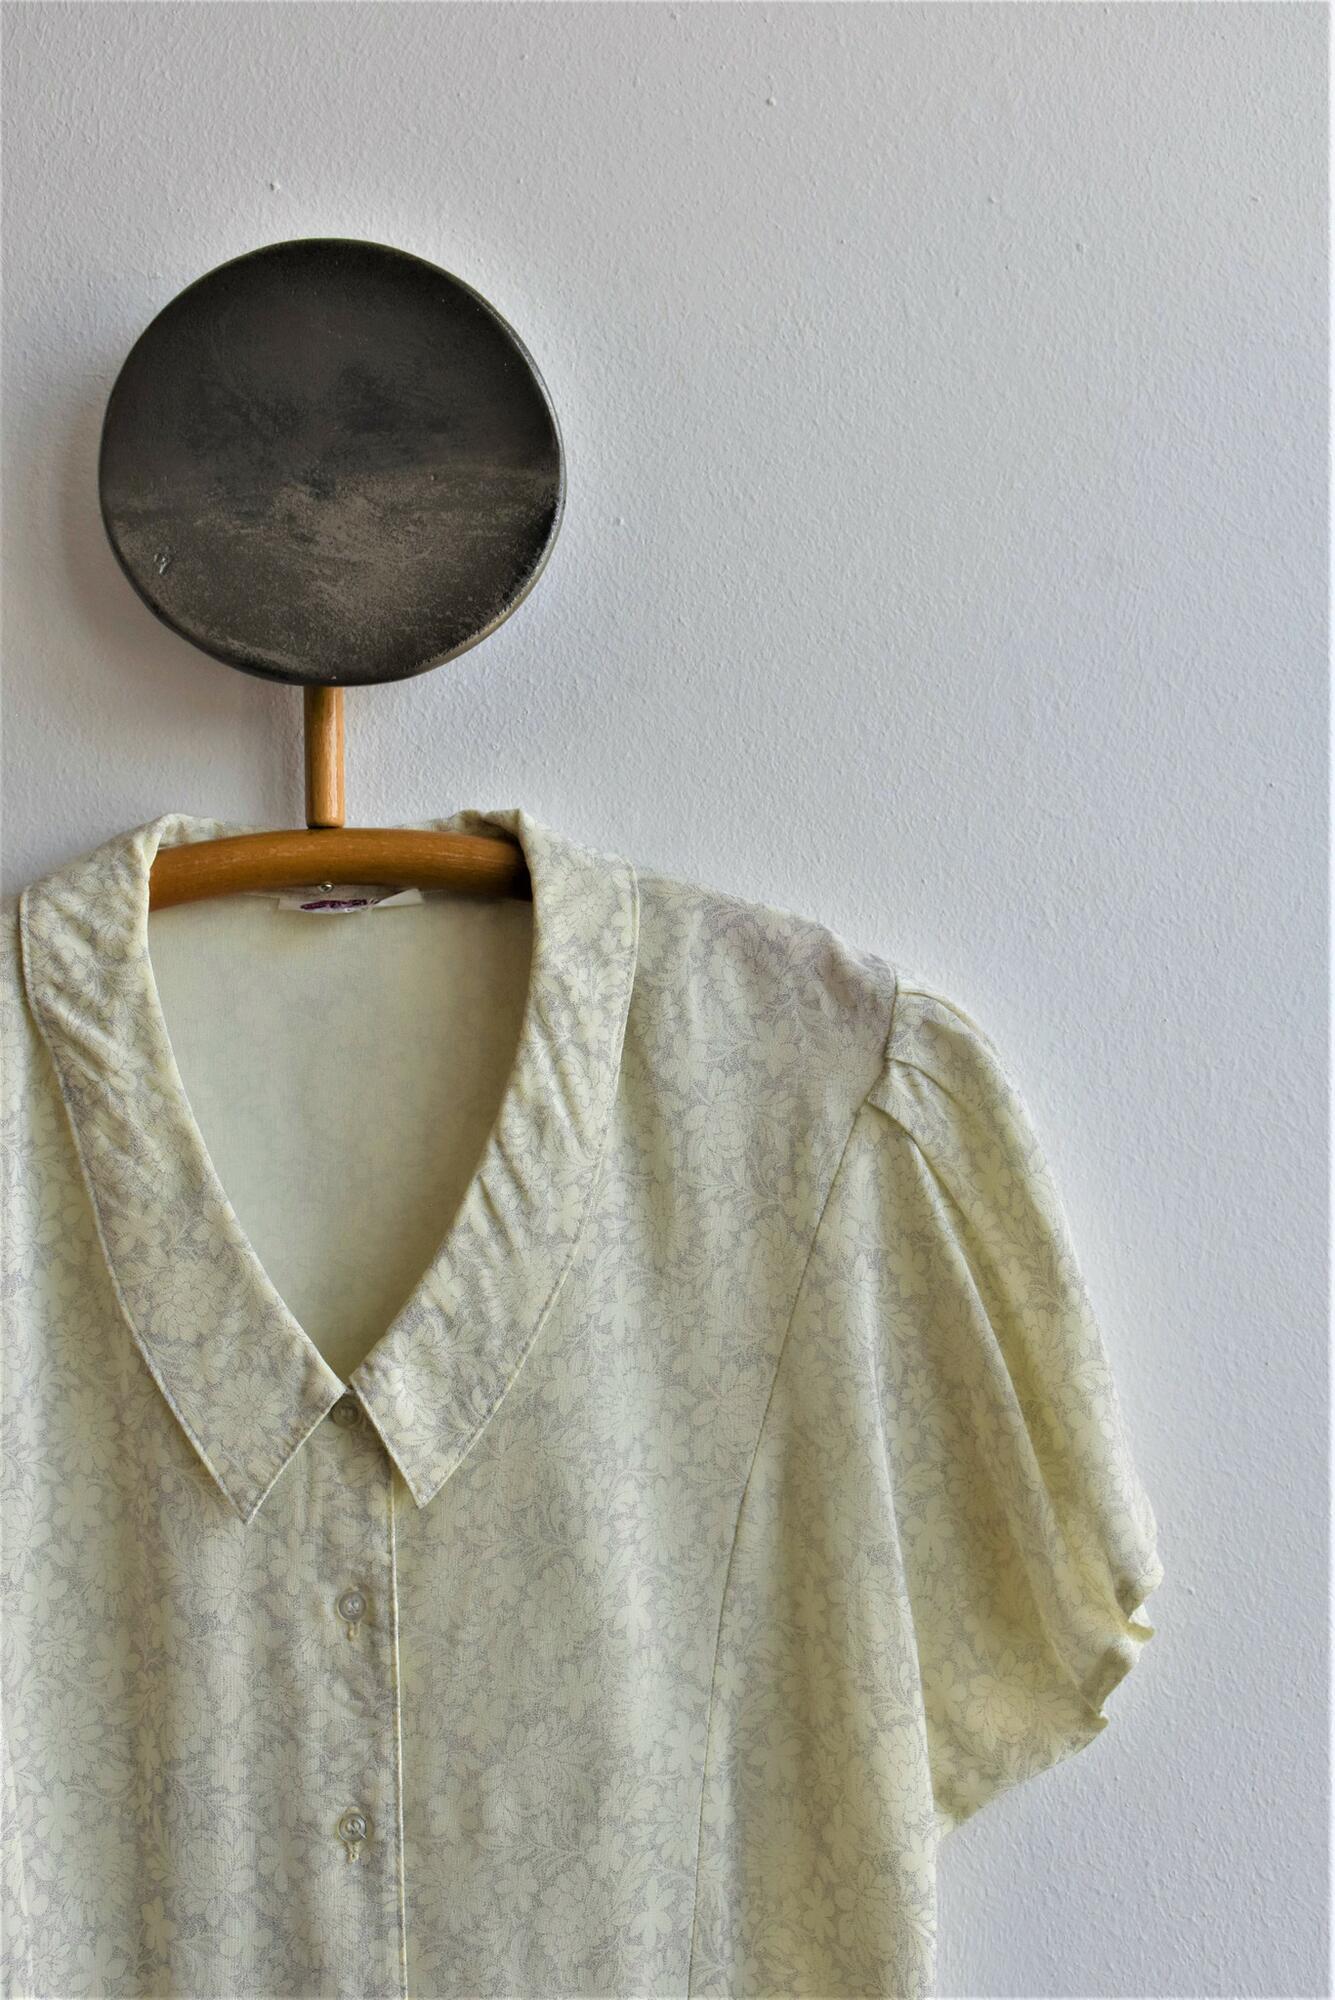 Beżowa koszula z krótkim rękawem - PONOŚ SE vintage shop   JestemSlow.pl